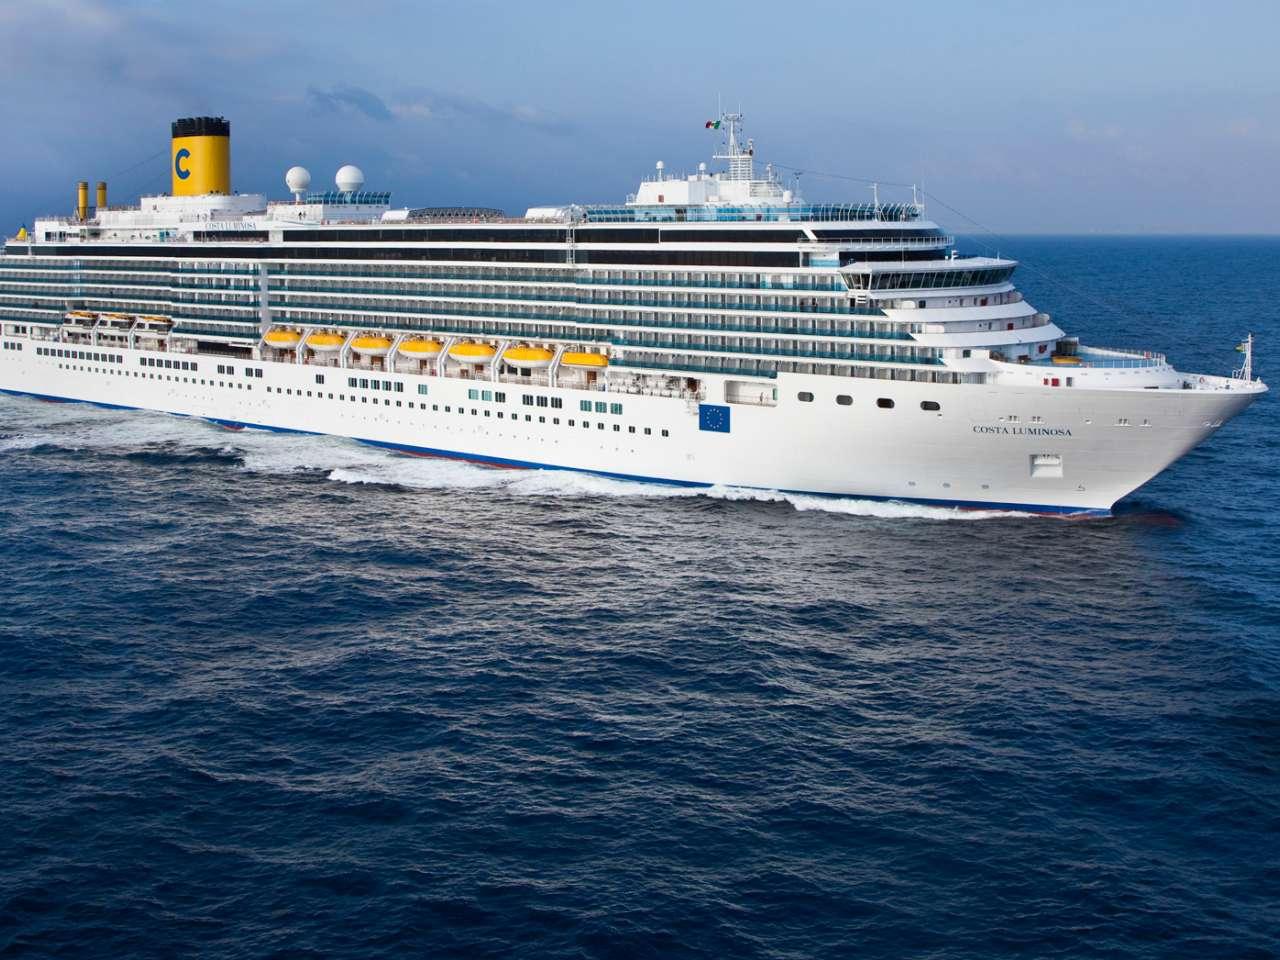 10 วันล่องเรือสำราญทะเลอีเจียน & เอเดรียติก COSTA LUMINOSA